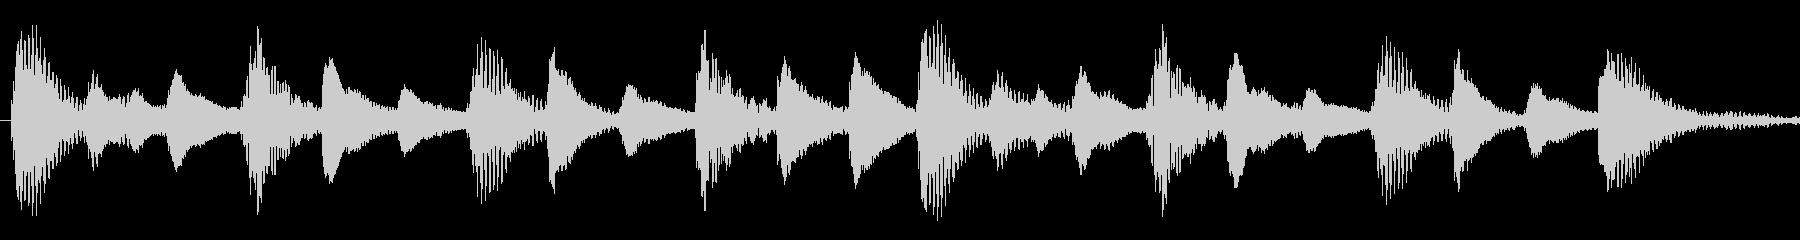 iPhone風マリンバ着信音の未再生の波形